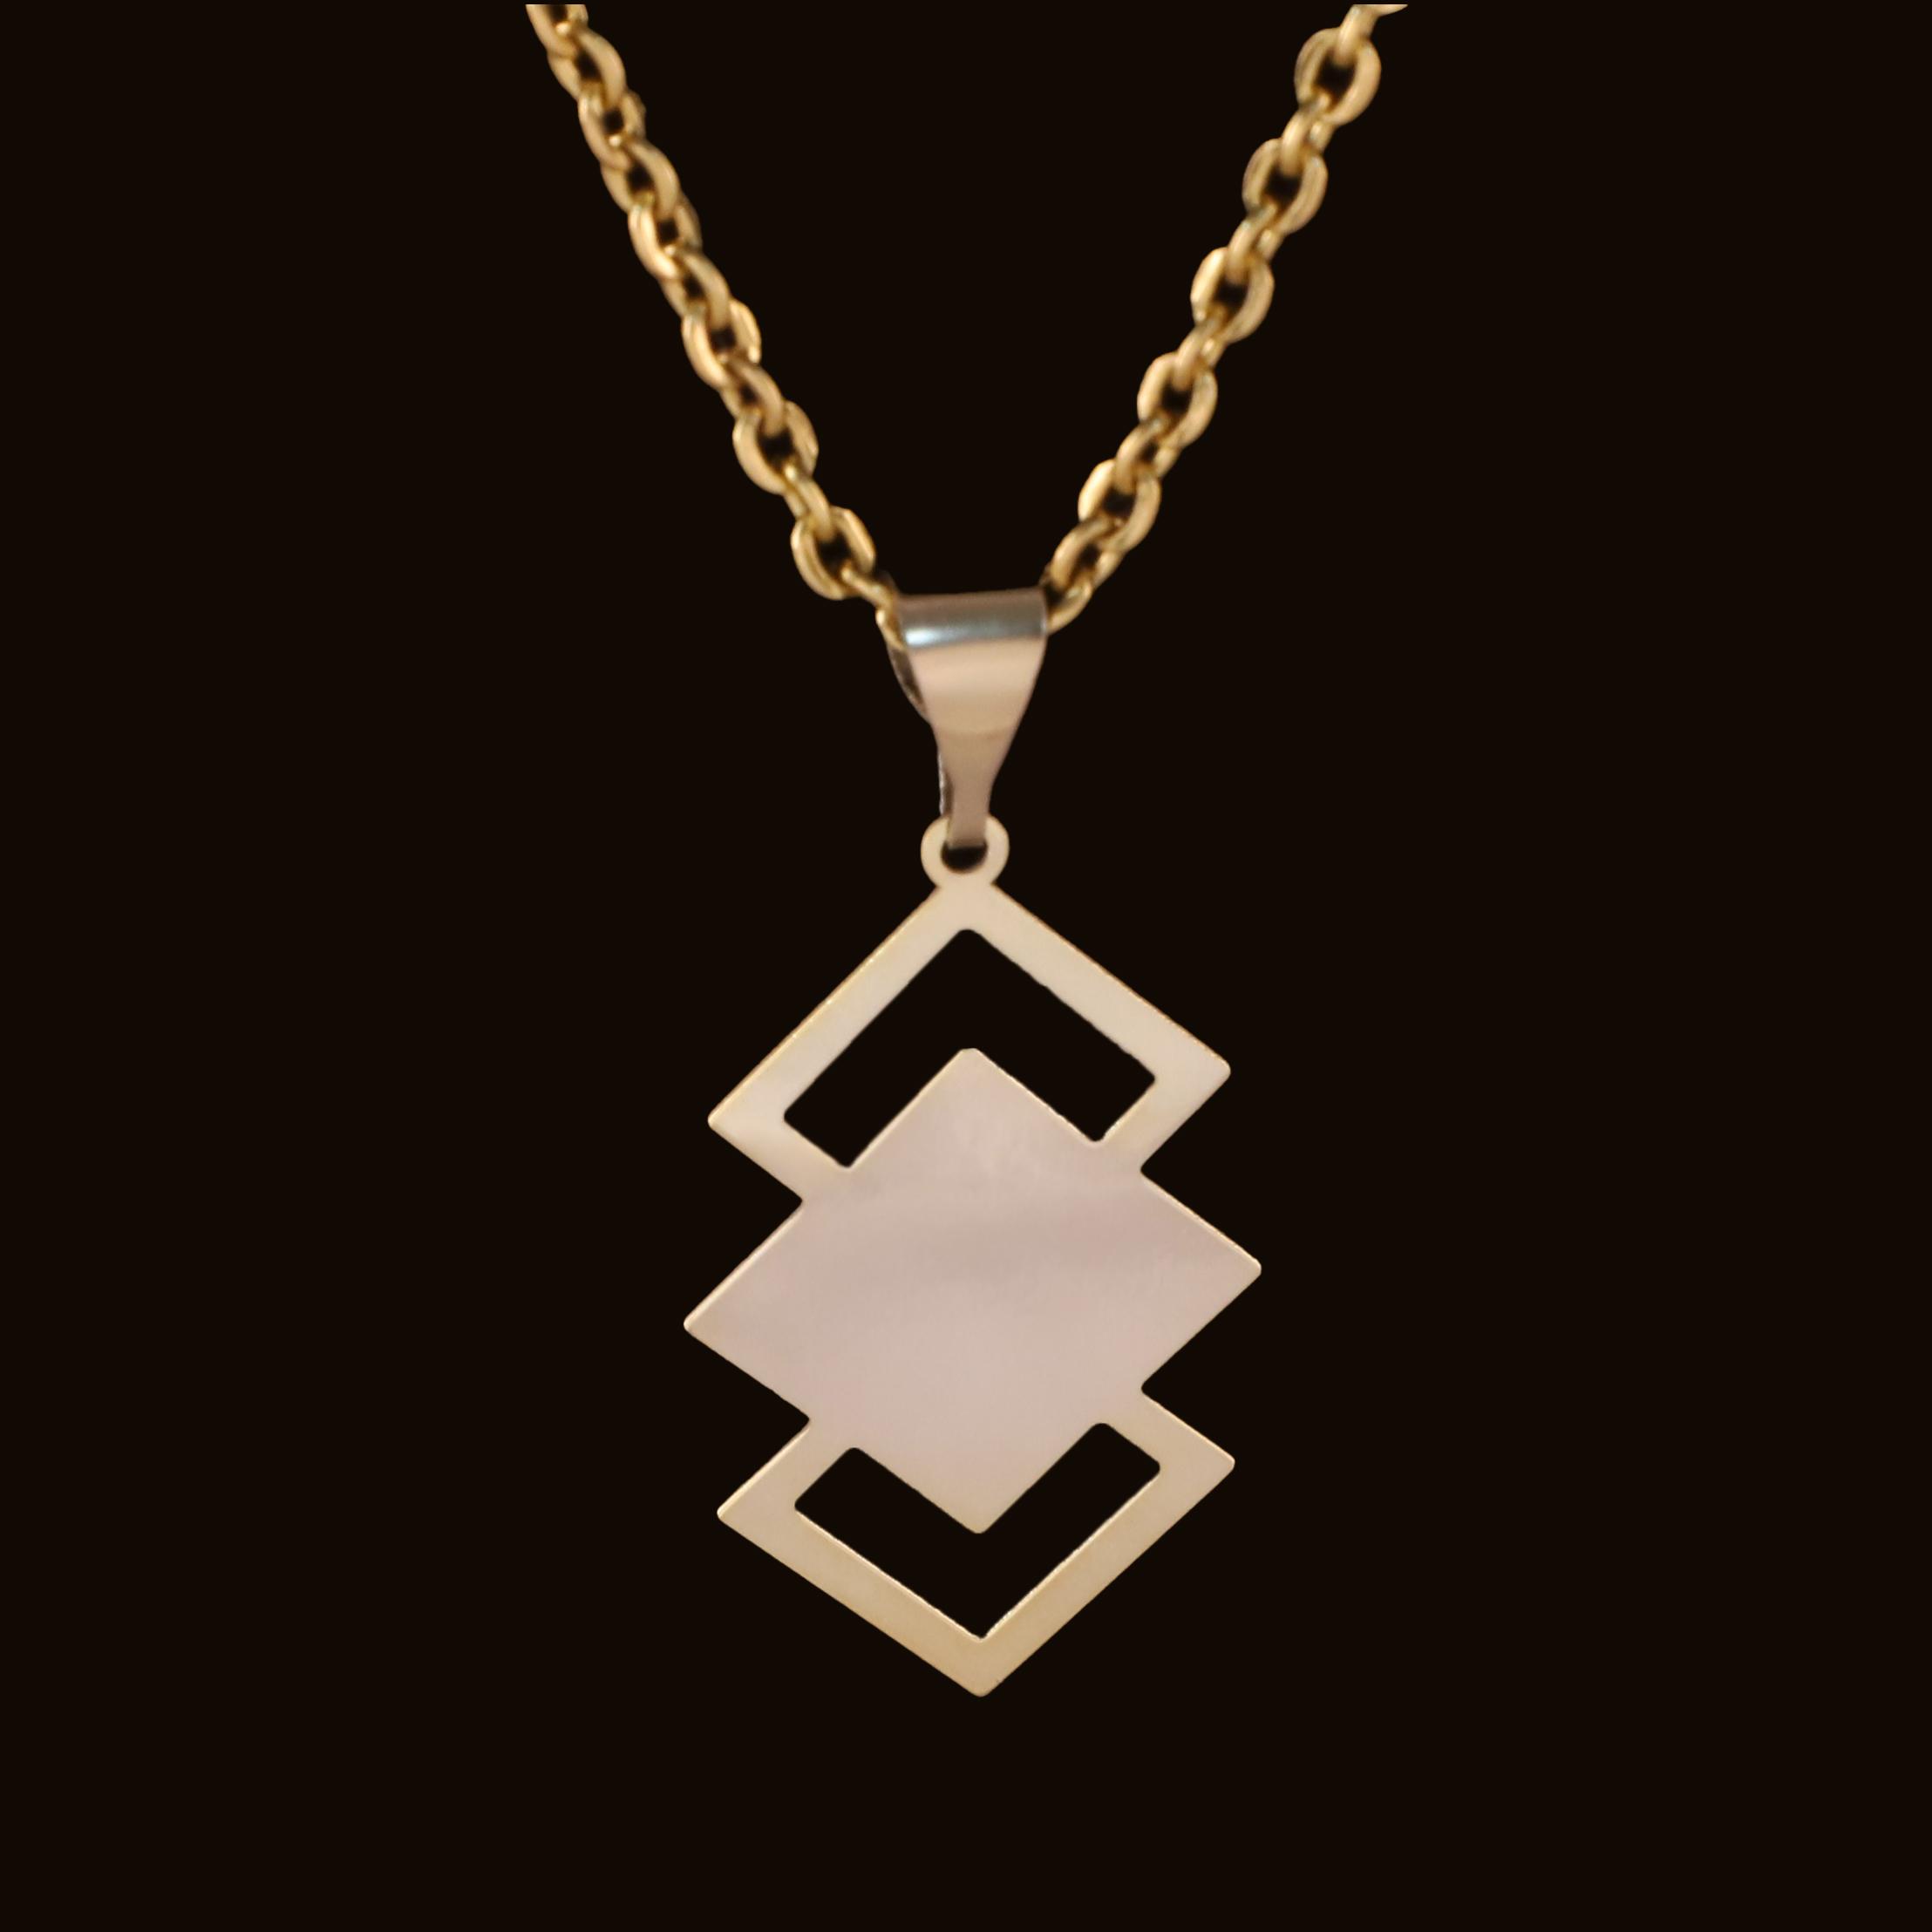 گردنبند طلا 18 عیار زنانه آمانژ کد D10030